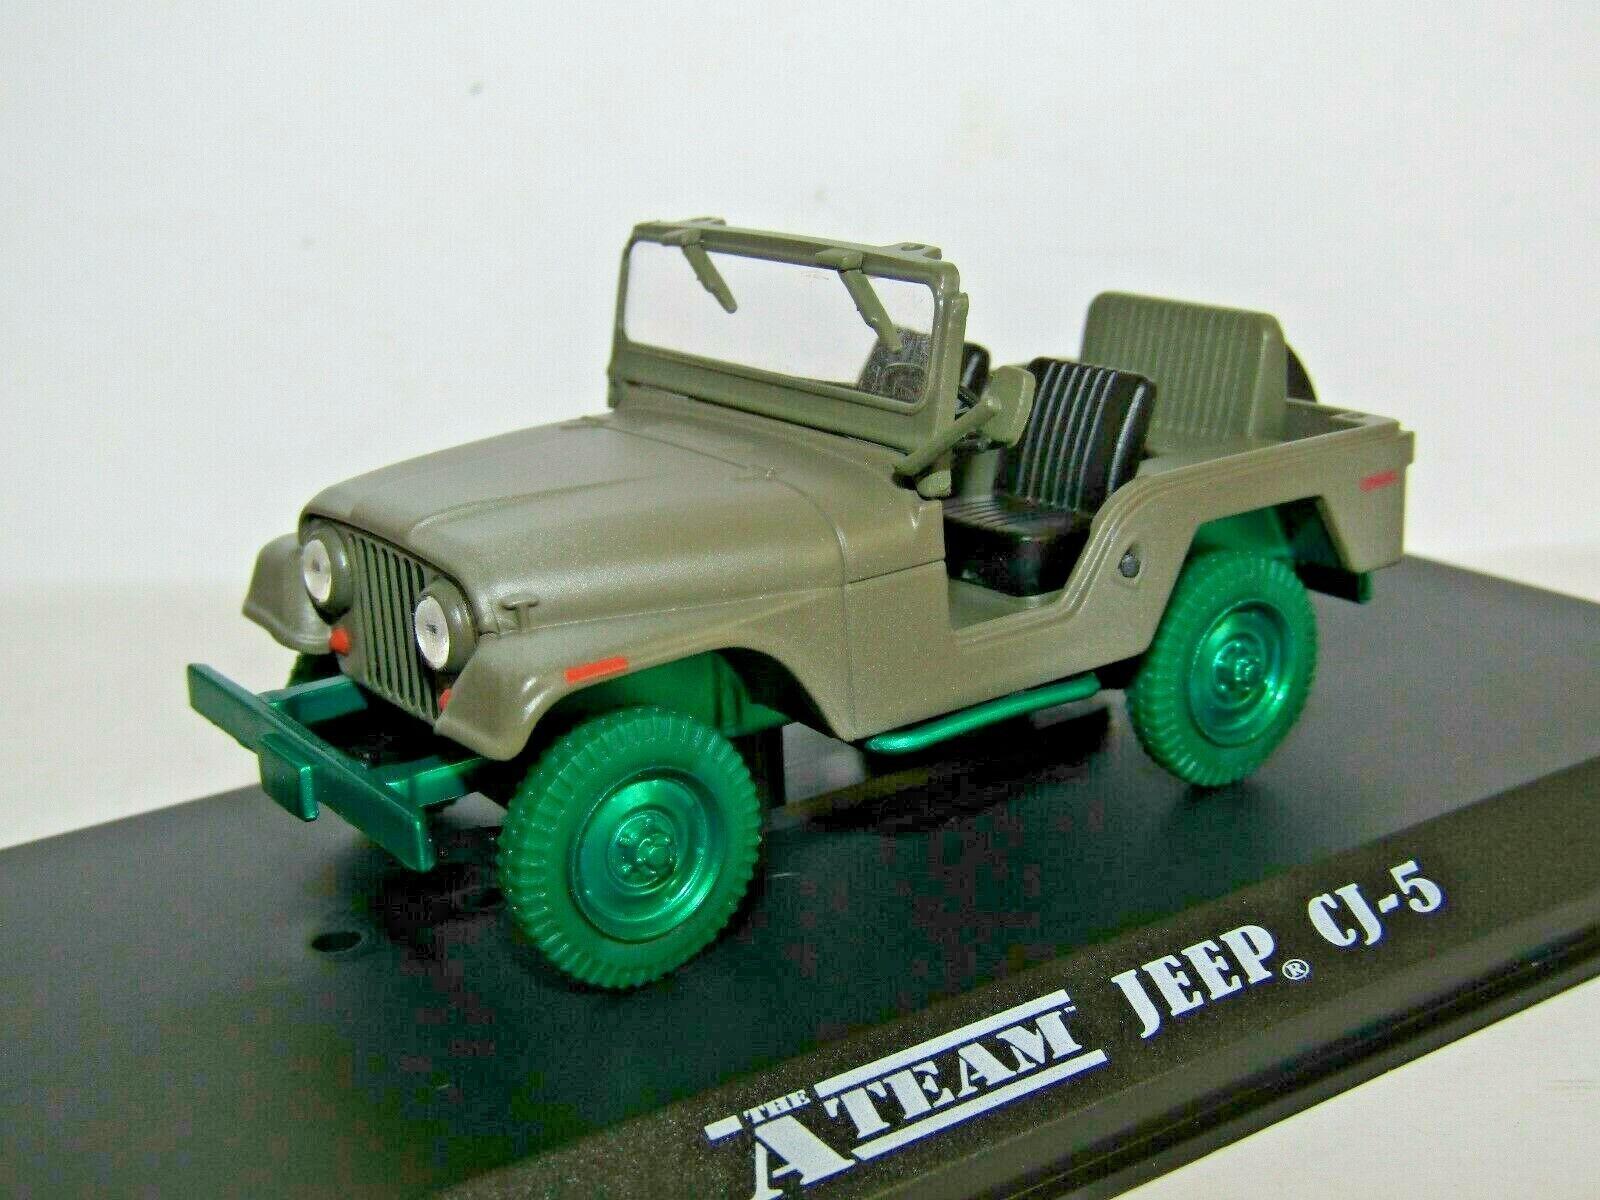 salida para la venta verdelight verdelight verdelight Jeep CJ-5 el equipo de un 1 43 86526 ruedas versión Chase verde  70% de descuento